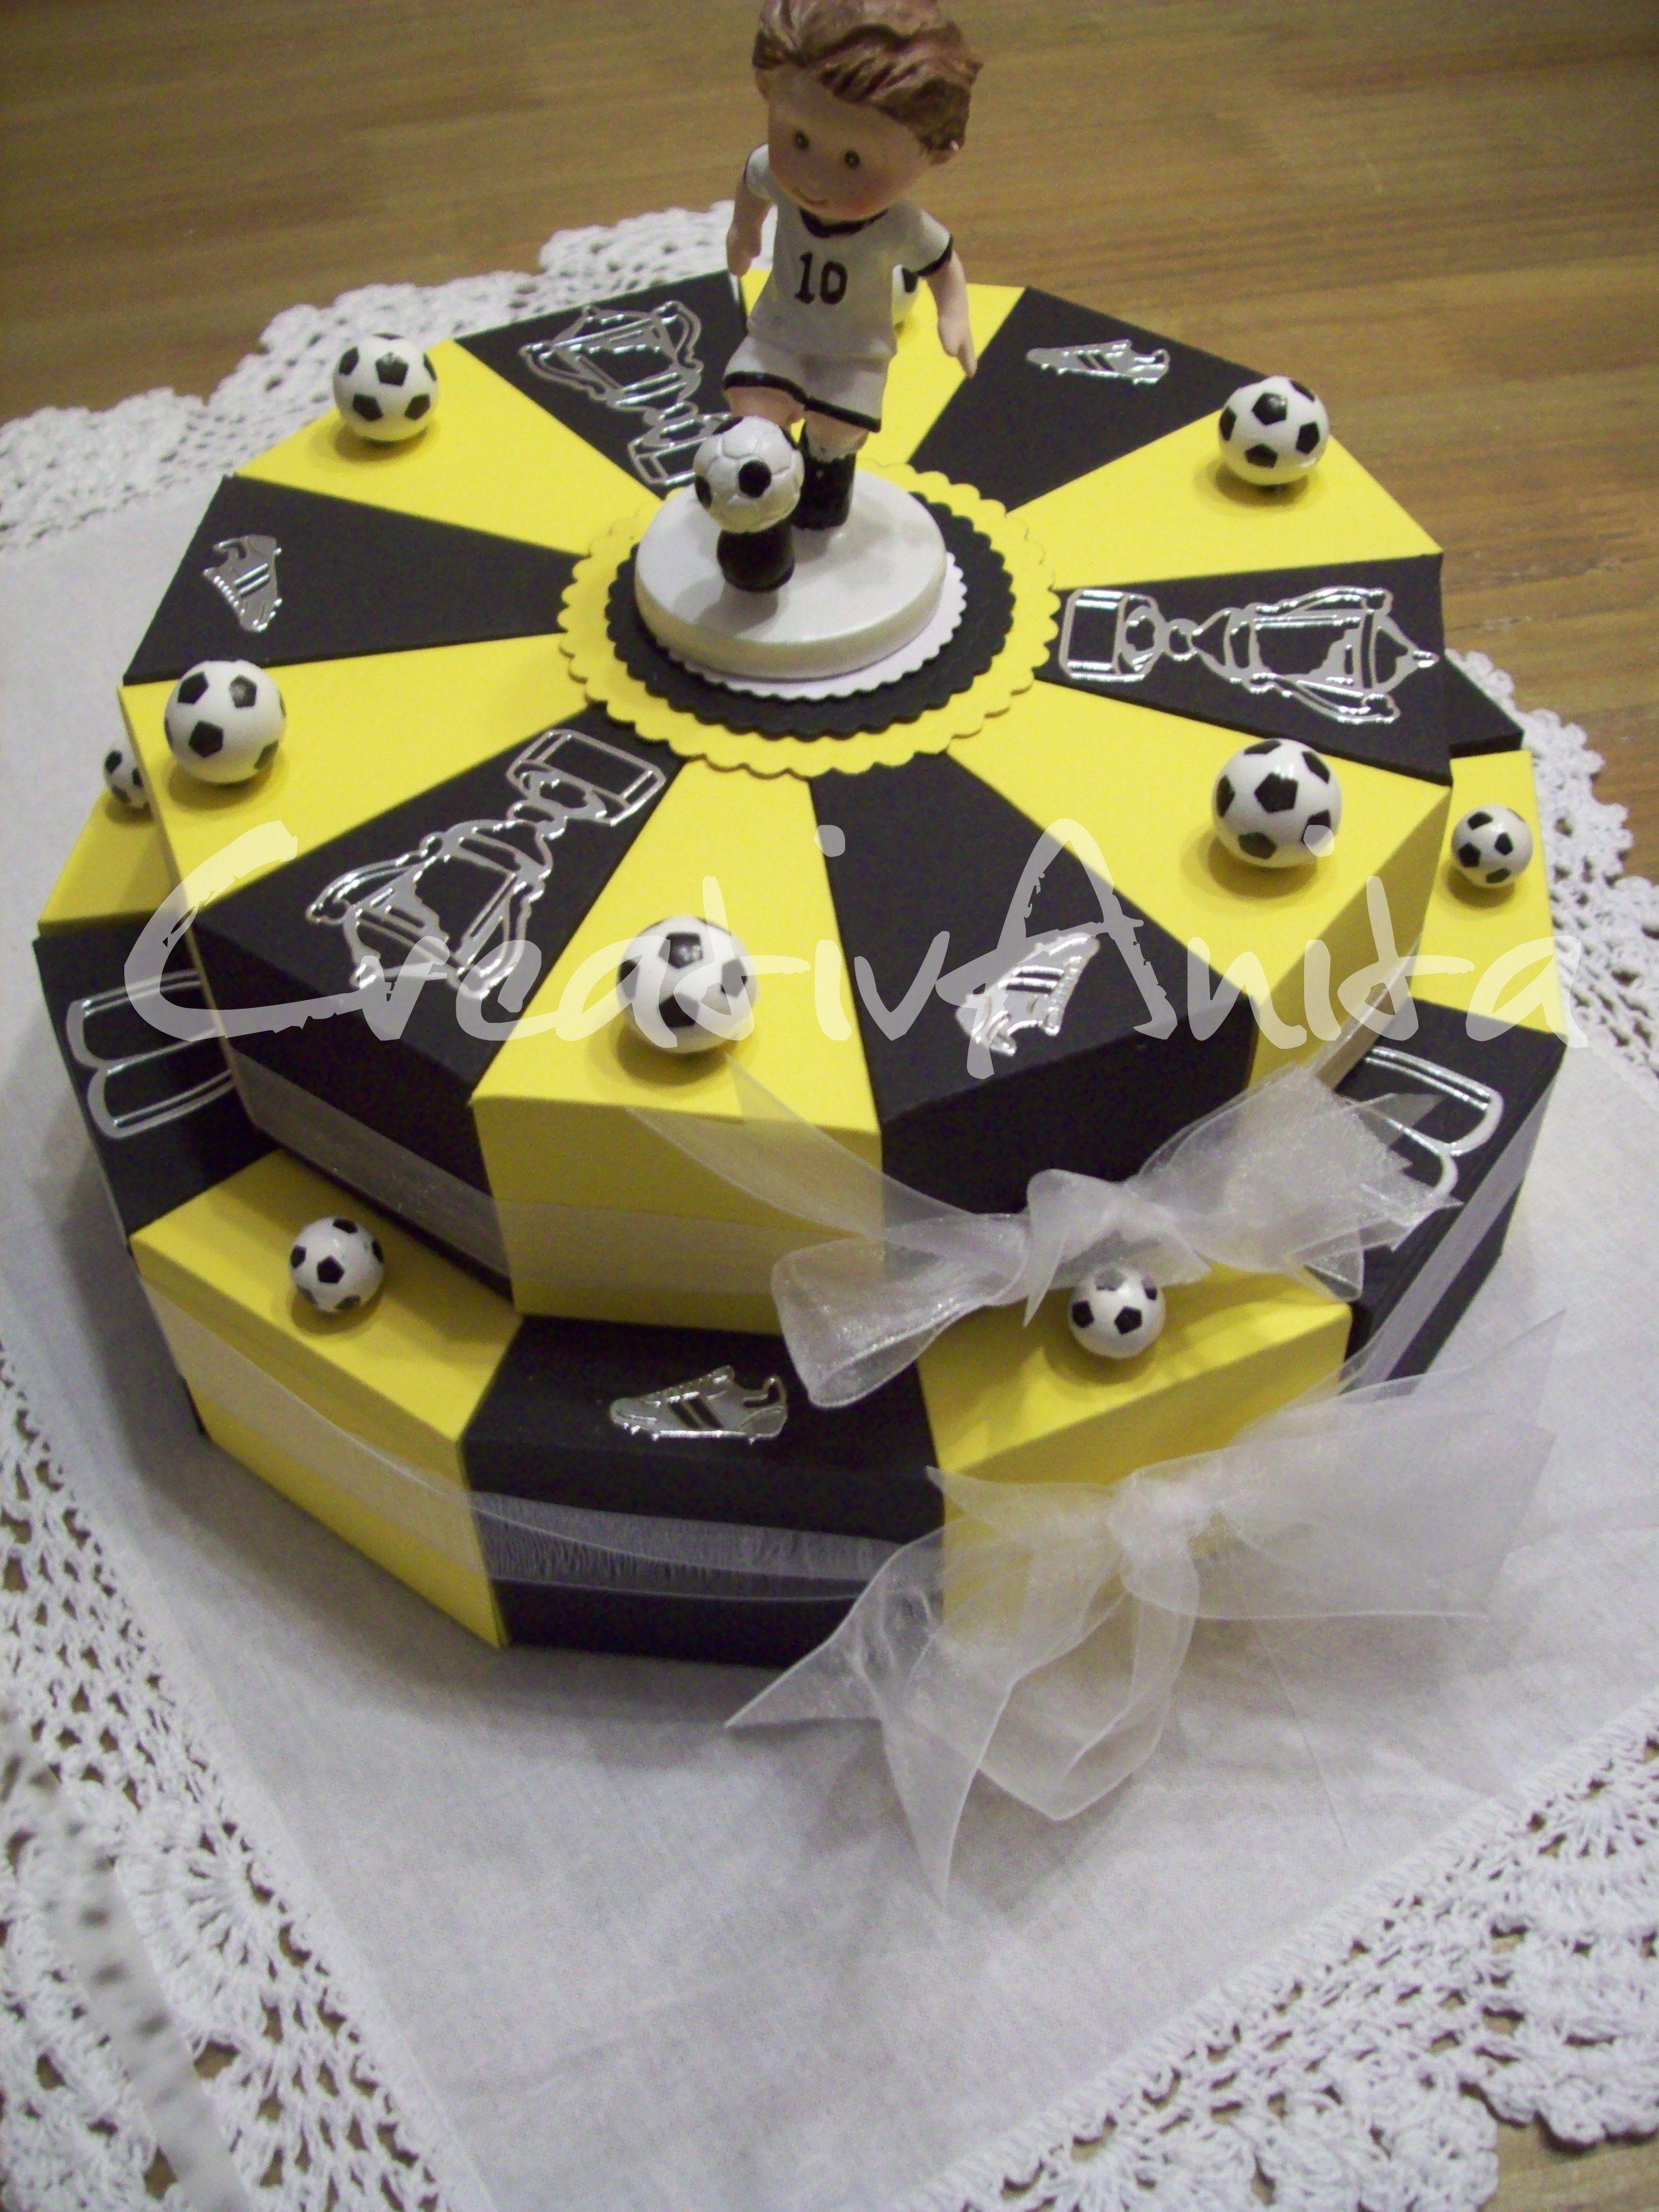 Innenarchitektur Fußball Geschenke Für Männer Dekoration Von Schachteltorte *fussball-schwarz-gelb* 2st. Geldgeschenk #bvb #hochzeit #